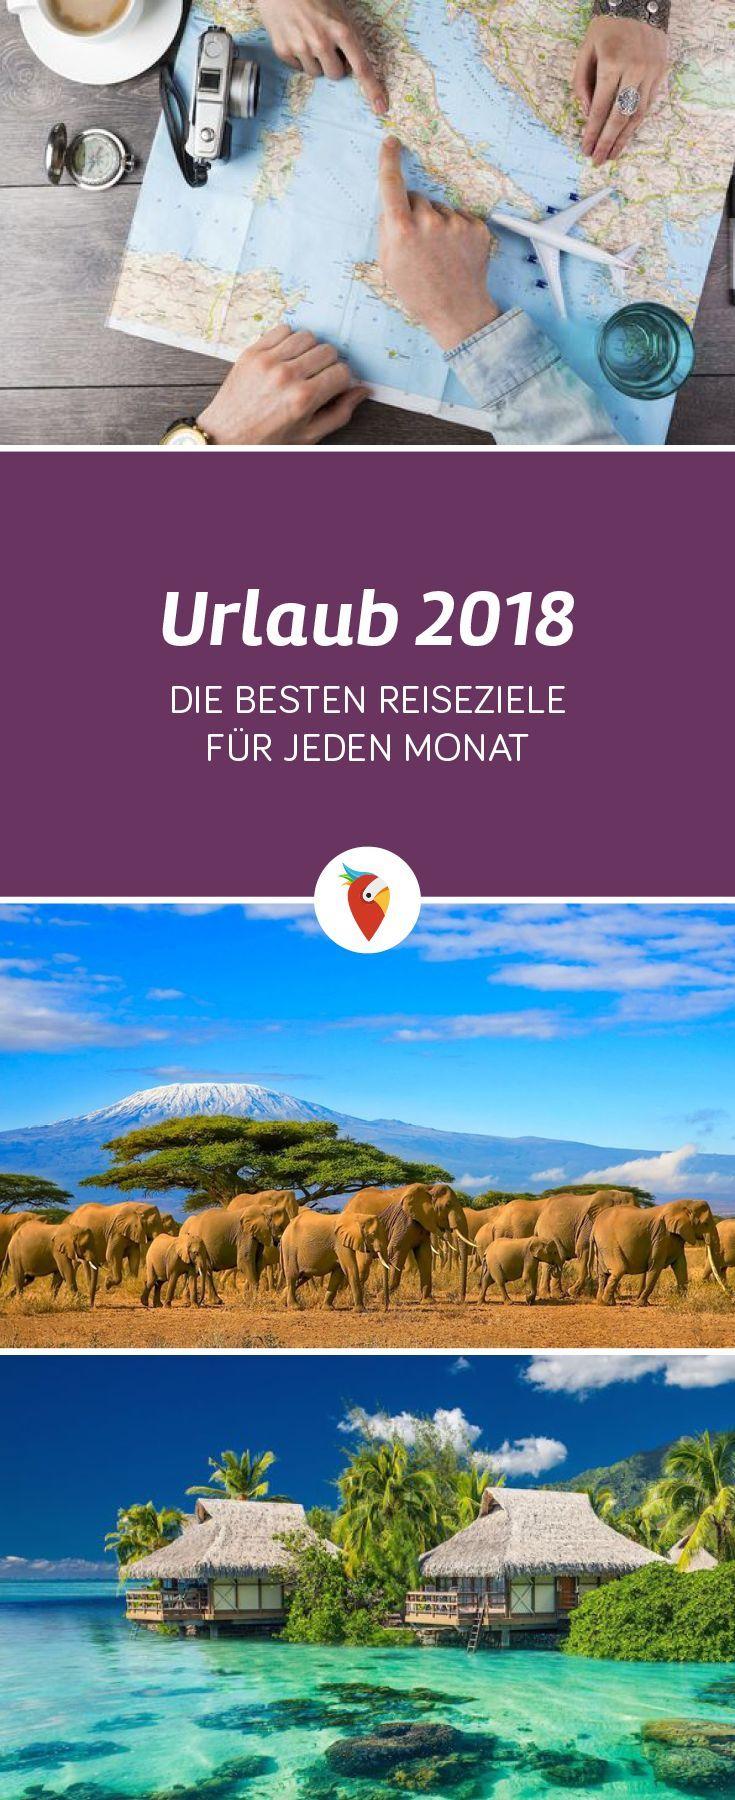 Urlaub 2019/20: Die besten Reiseziele für jeden Monat #futuretravel